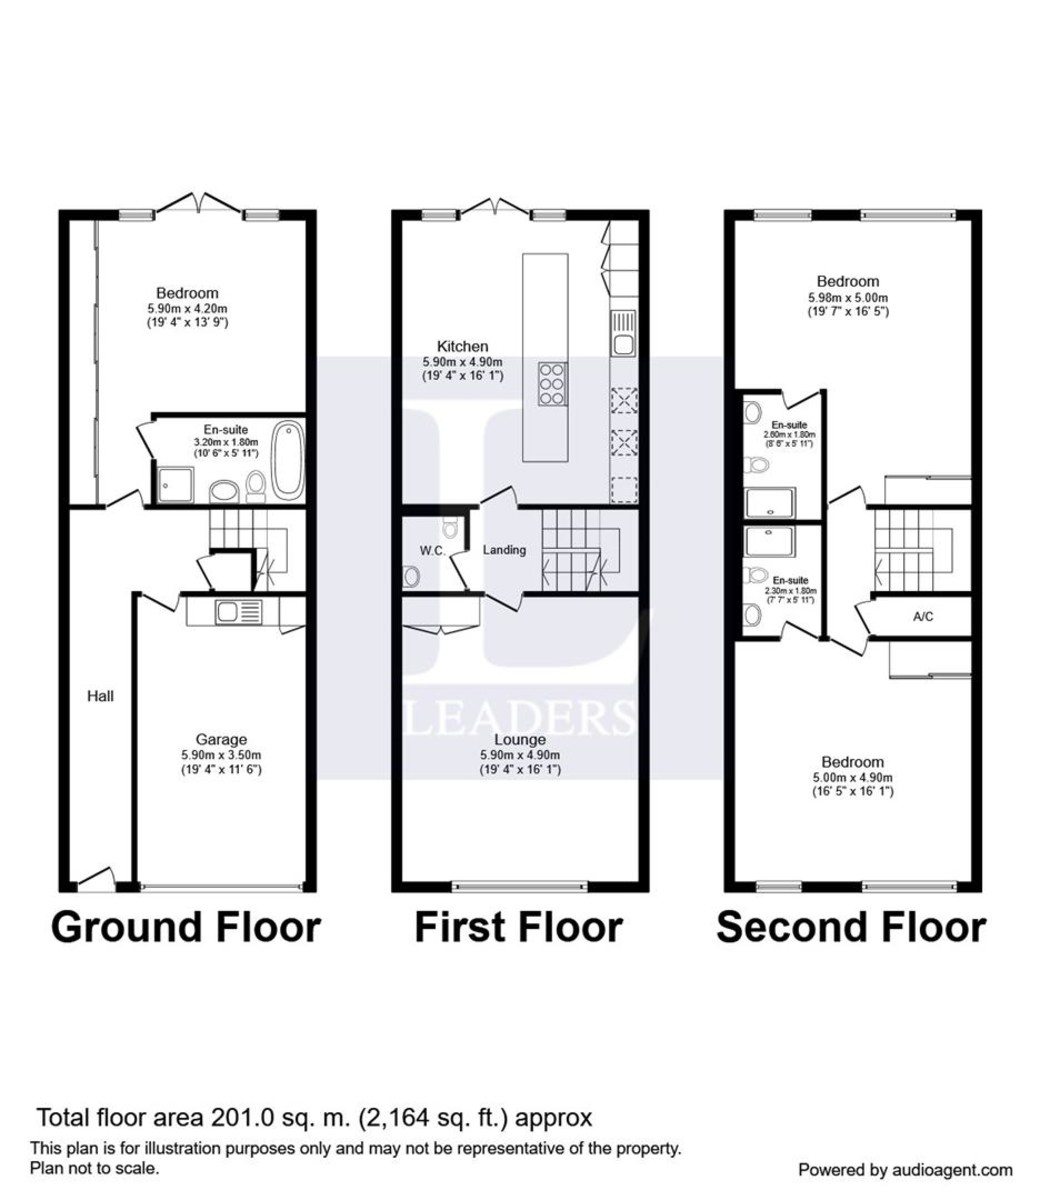 Calshot Court, Southampton floorplan